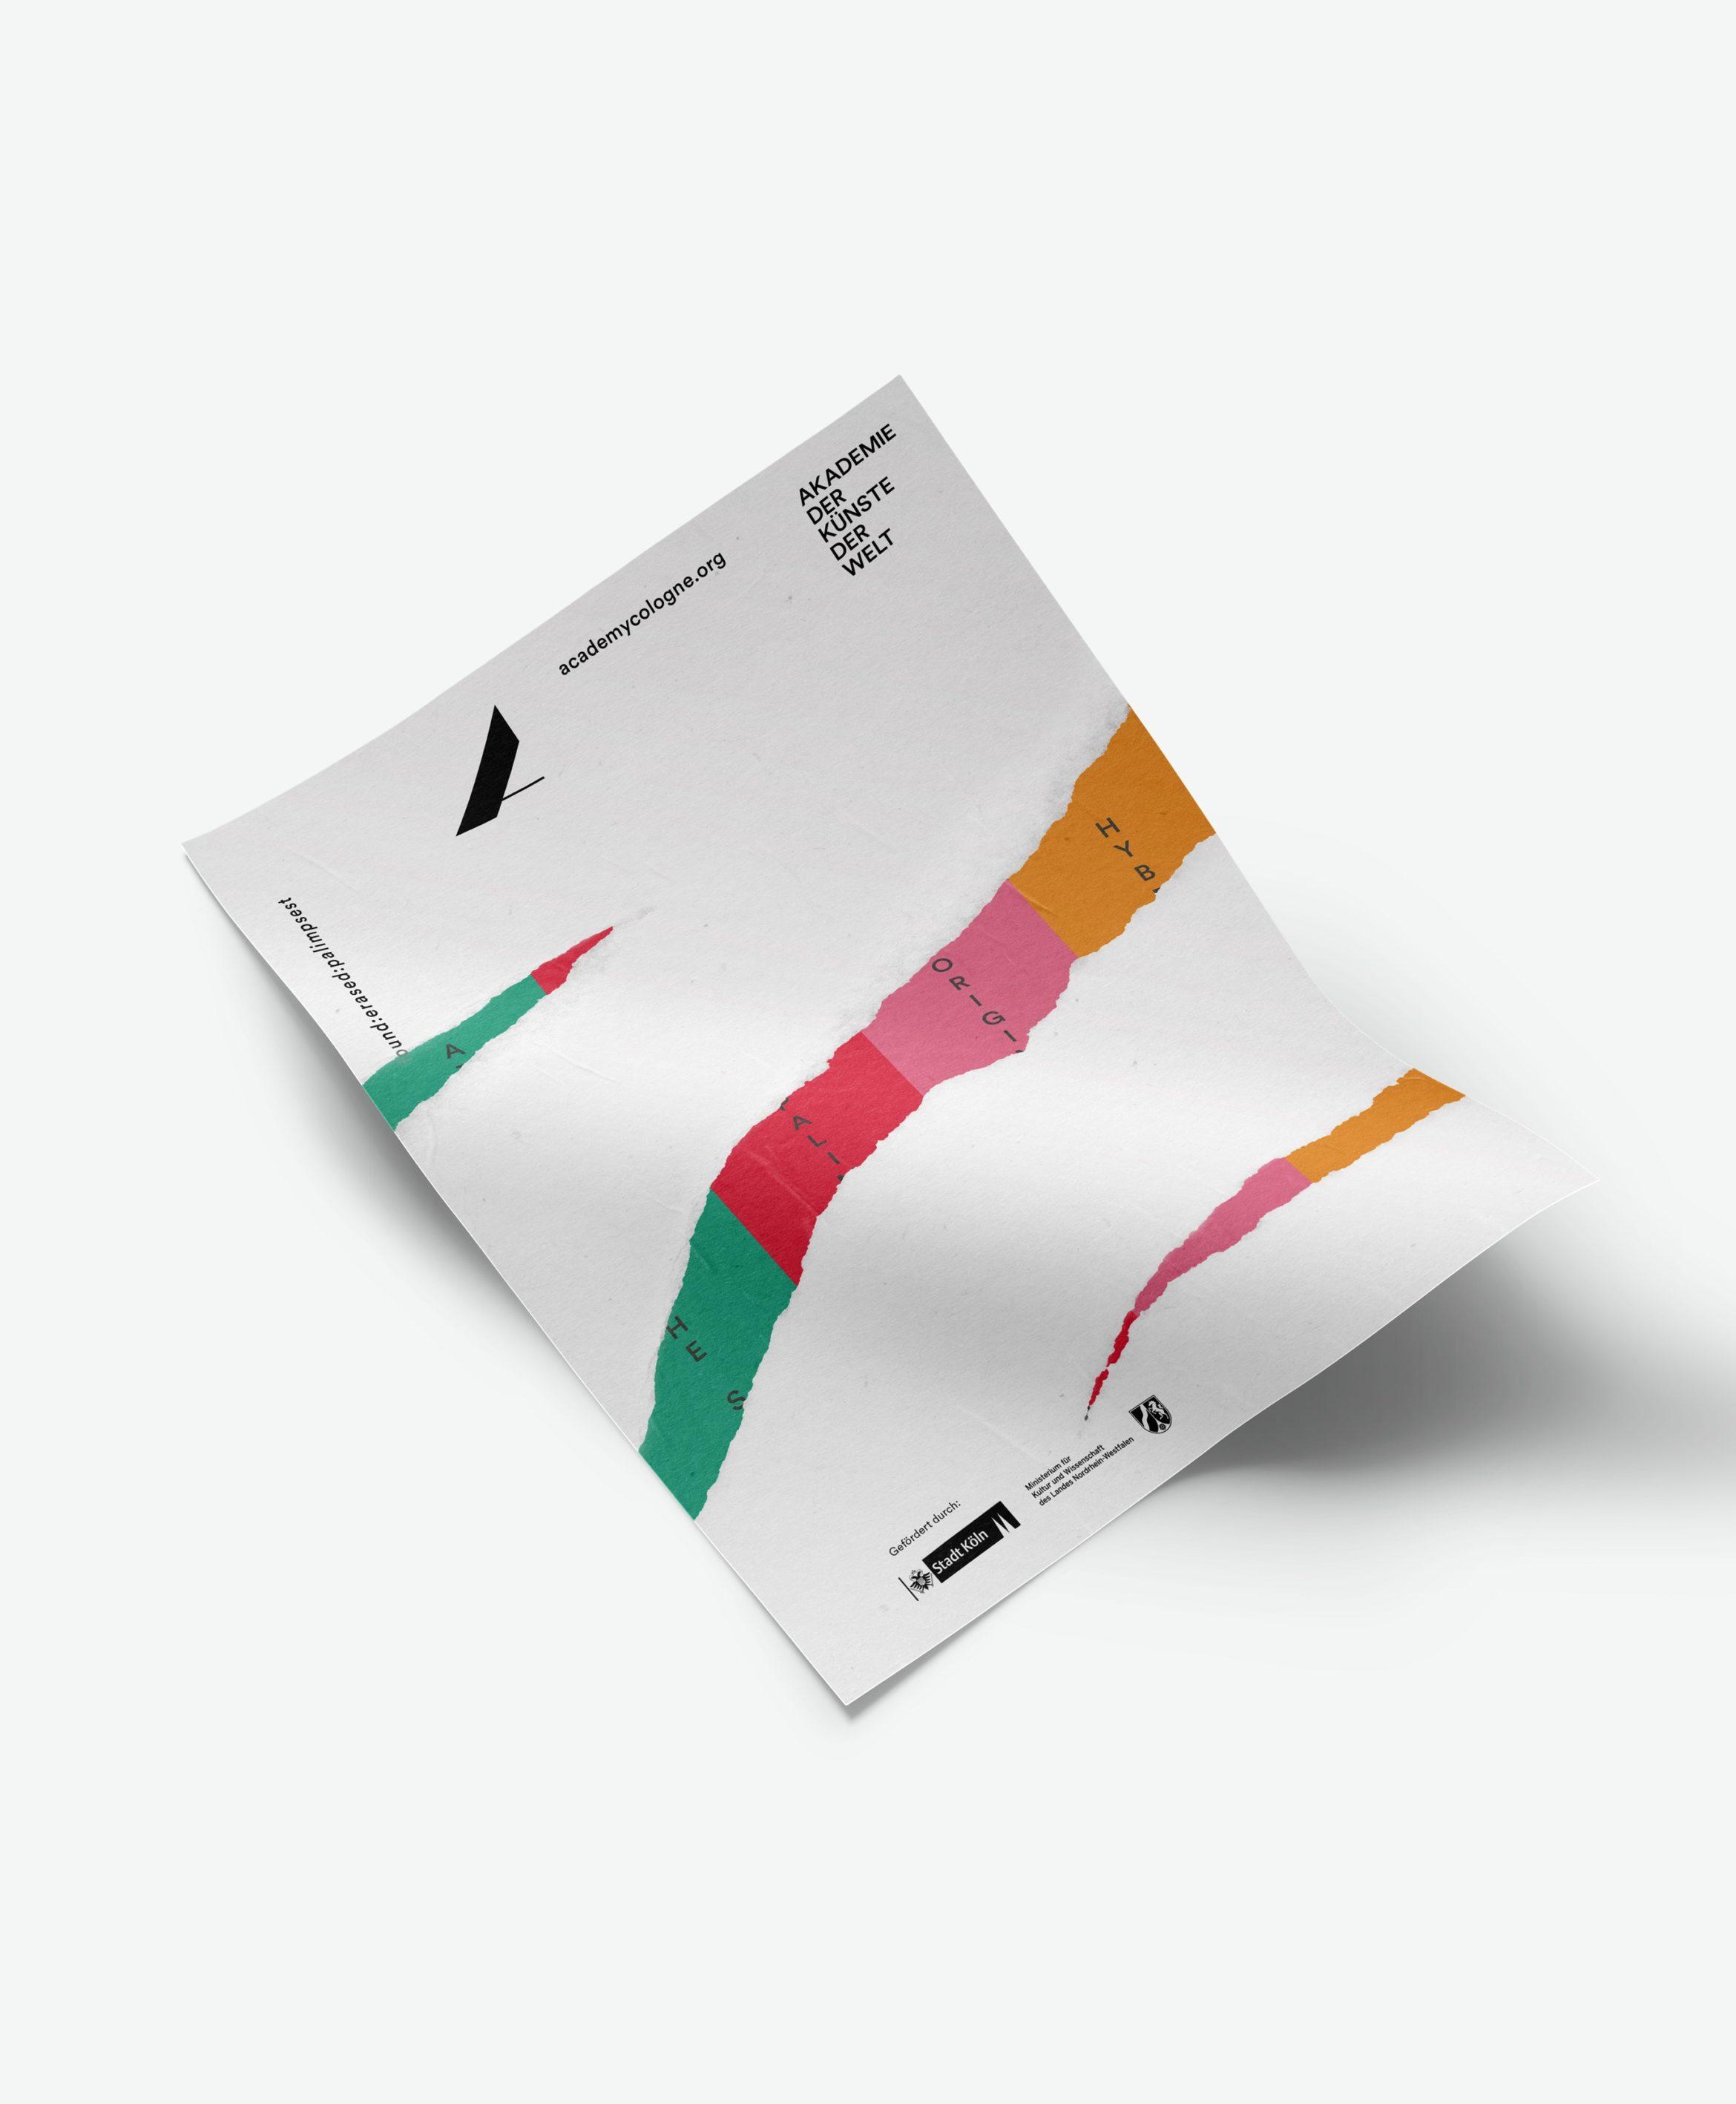 Abstrakt | Kunst und Kultur | Konzeption | Farbenreich | Plakat